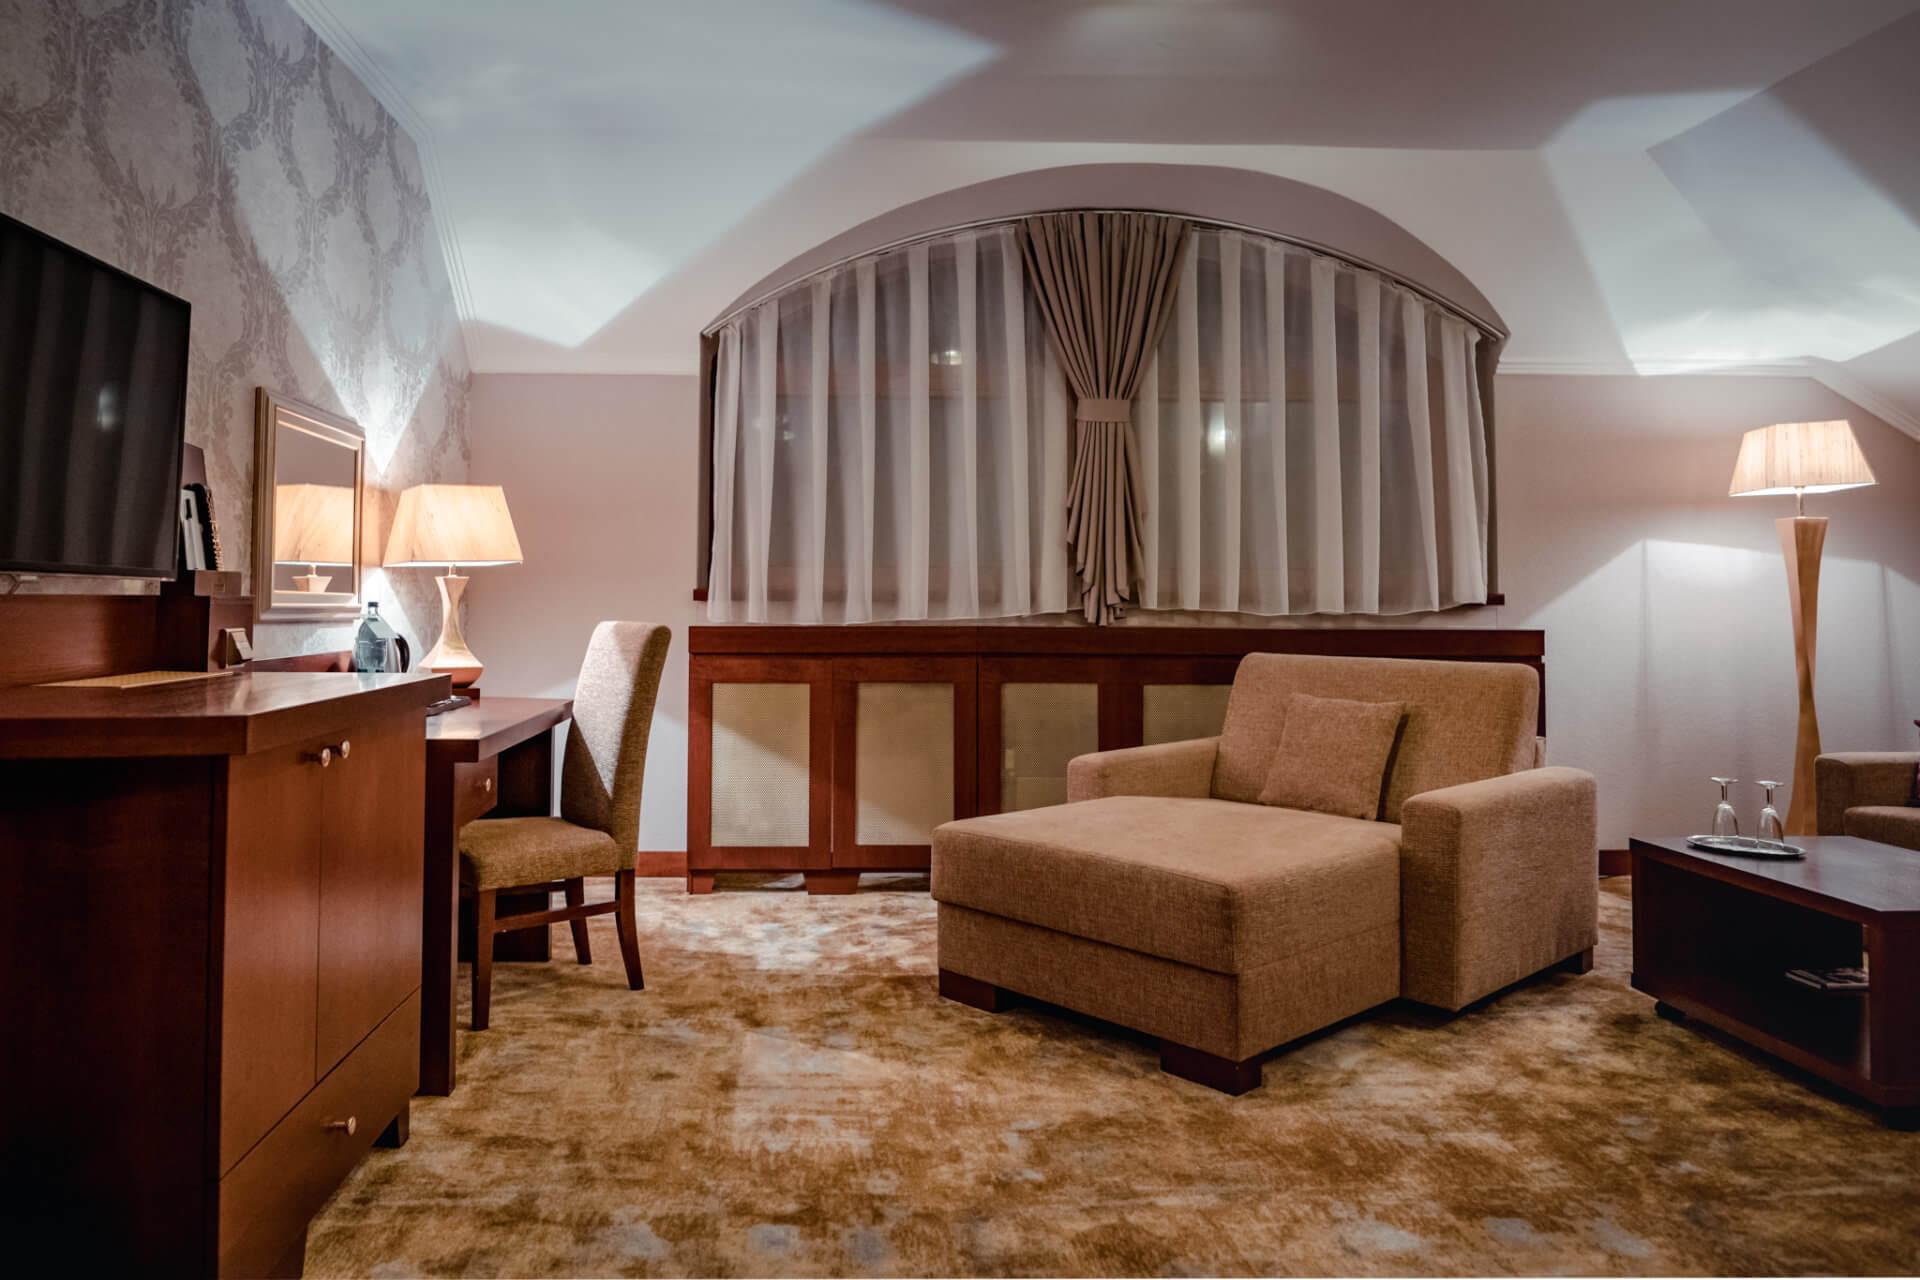 Ubytovanie v resorte Kaskady